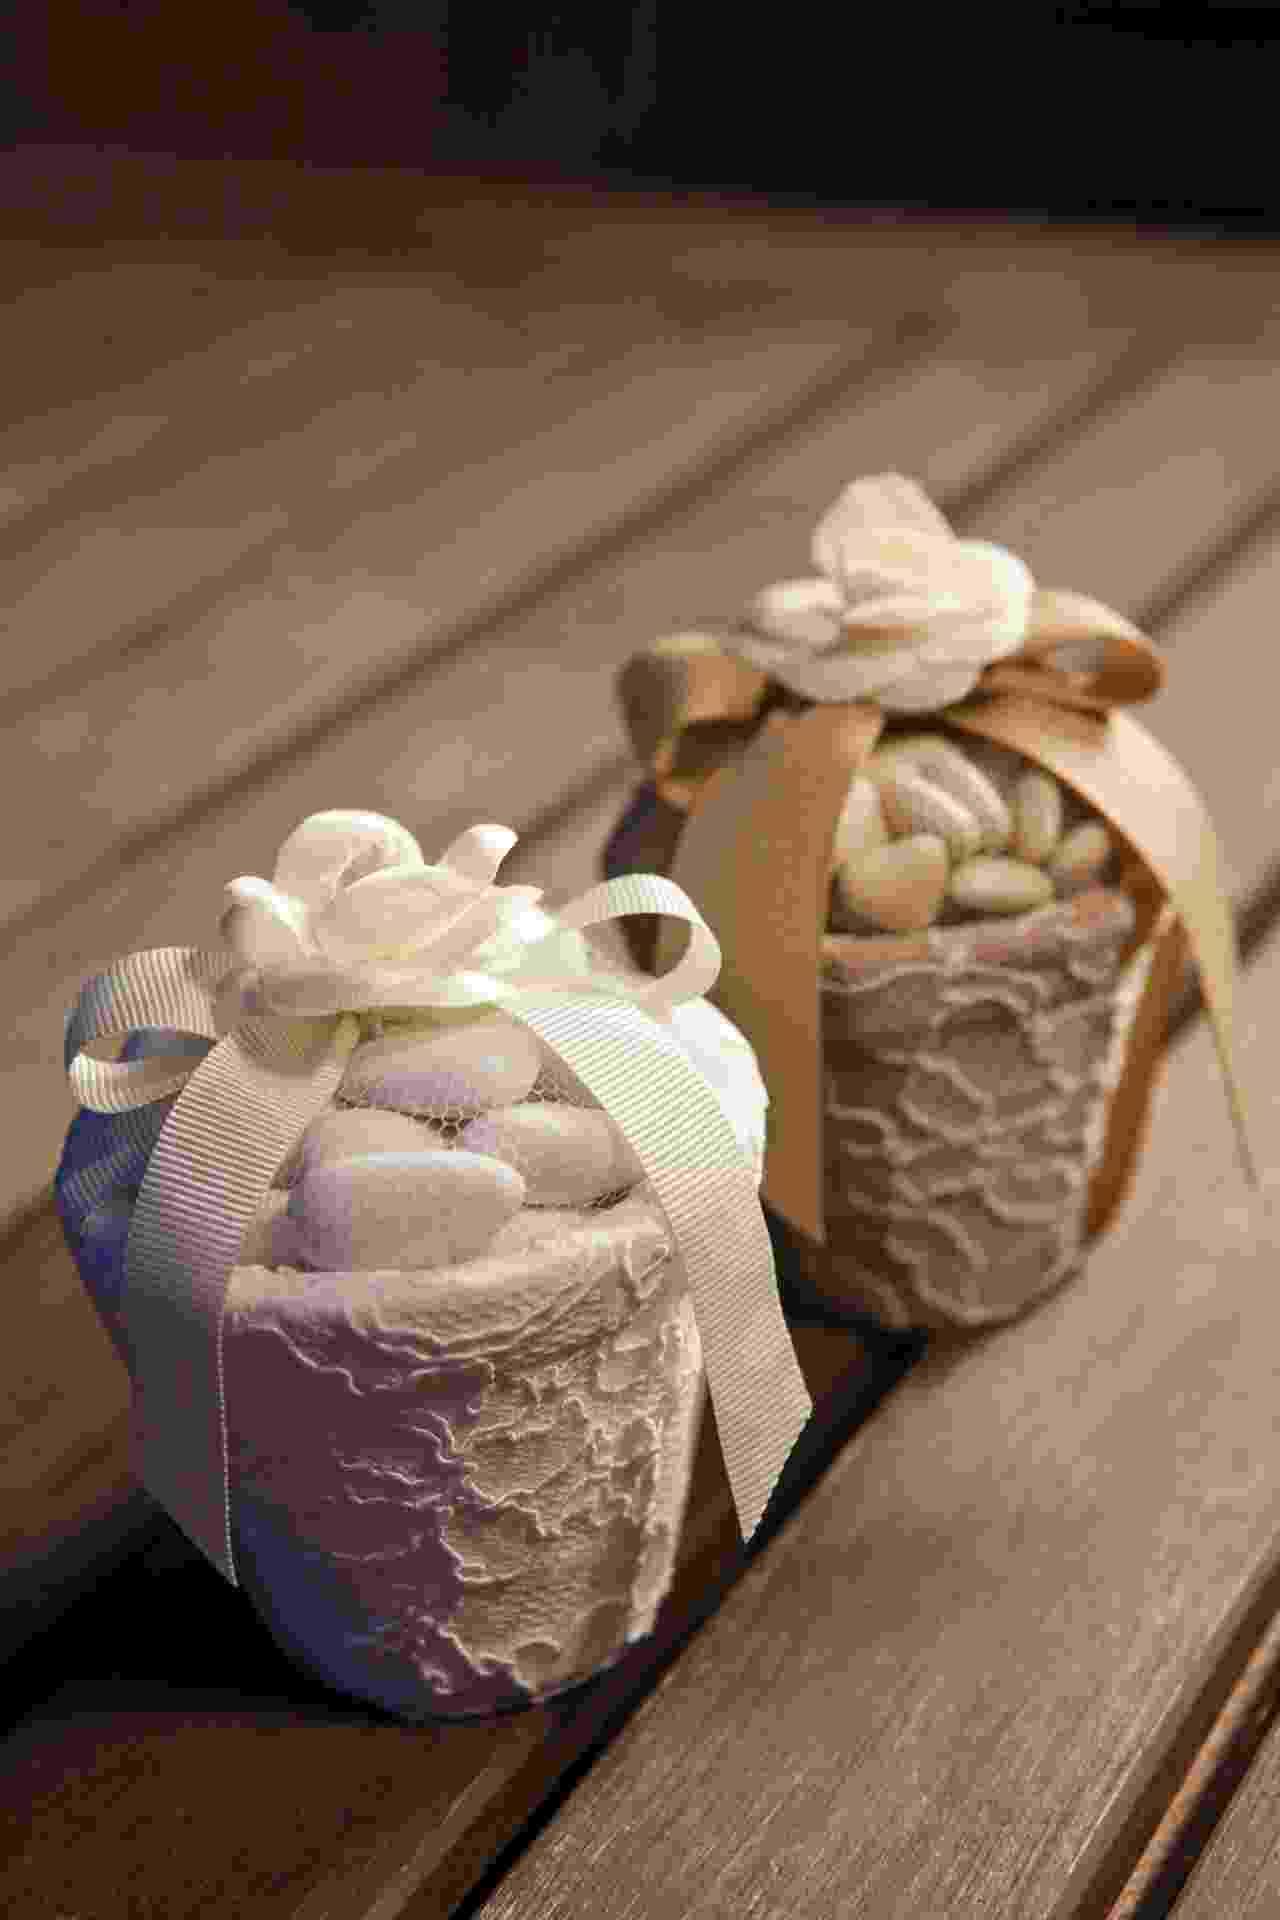 Dragées [amêndoa revestida com açúcar] em vaso de cerâmica forrado com renda francesa e detalhe de flor de tecido; da Jeniffer Bresser (www.jenifferbresser.com.br), a partir de R$ 65 (a unidade). Disponibilidade e preço sujeitos a alterações. Pesquisa realizada em outubro de 2012 - Divulgação